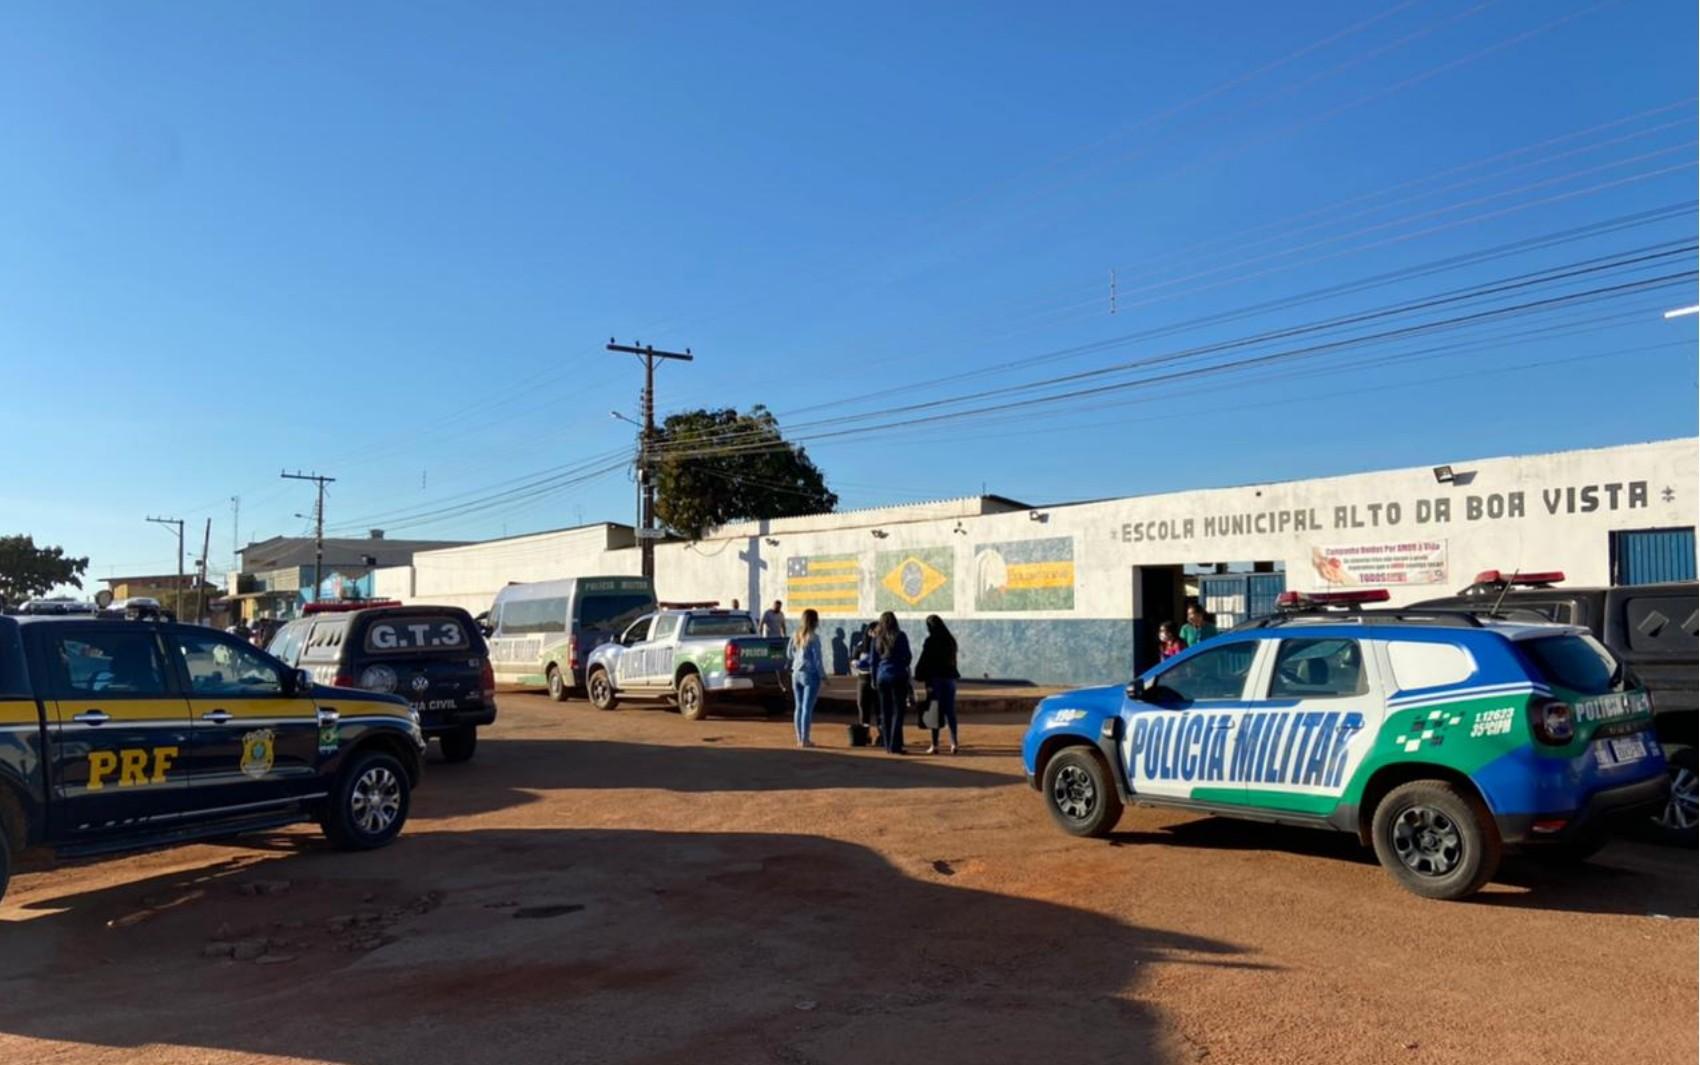 Instituto entra com ação para pedir que não ocorram buscas por Lázaro Barbosa em terreiros sem decisão judicial